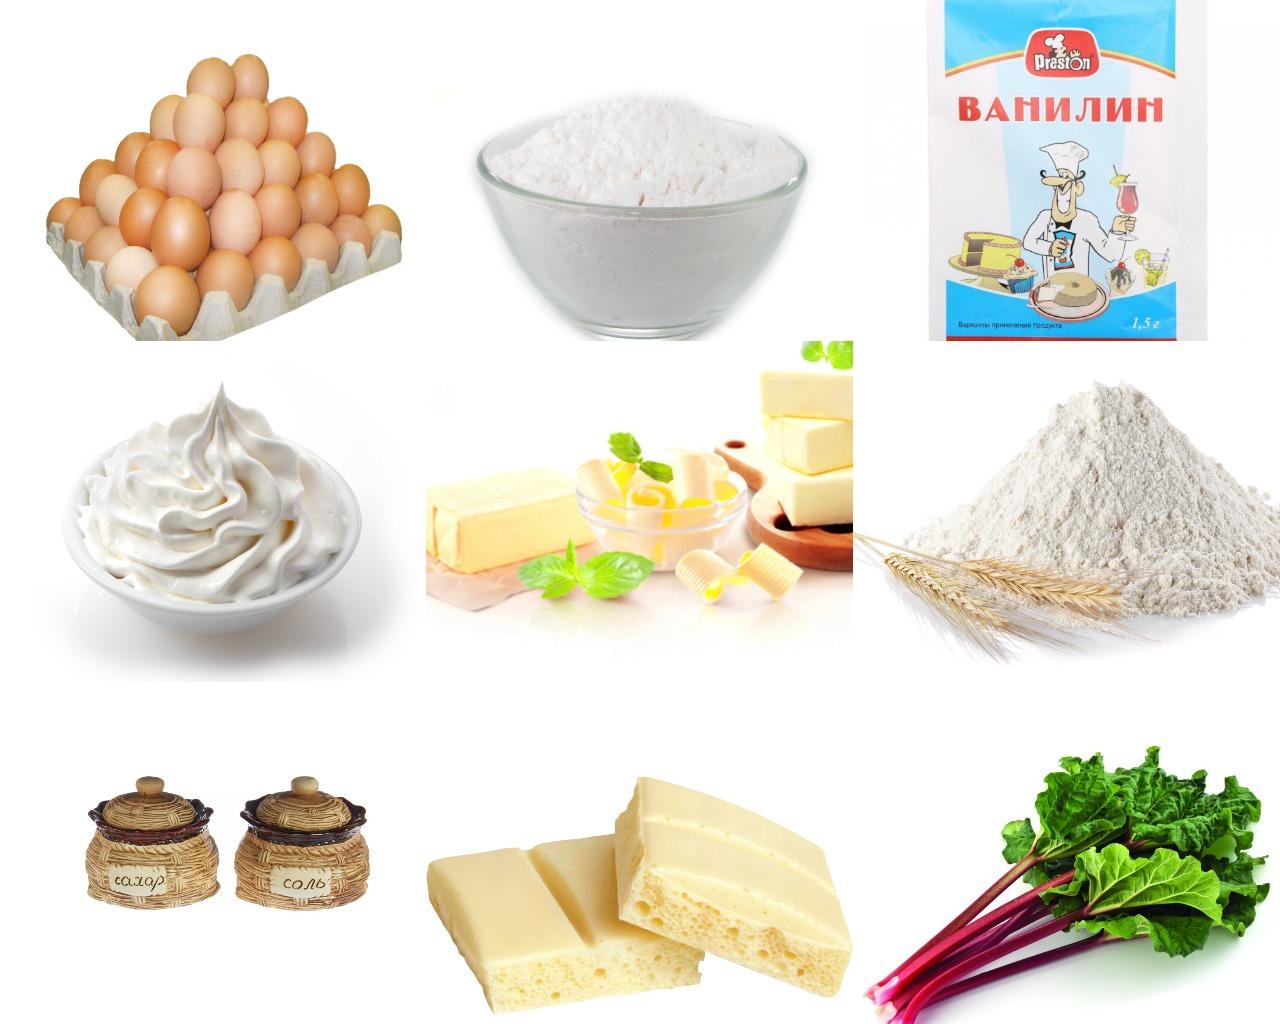 Ингредиенты для шоколадного пирога с ревенем